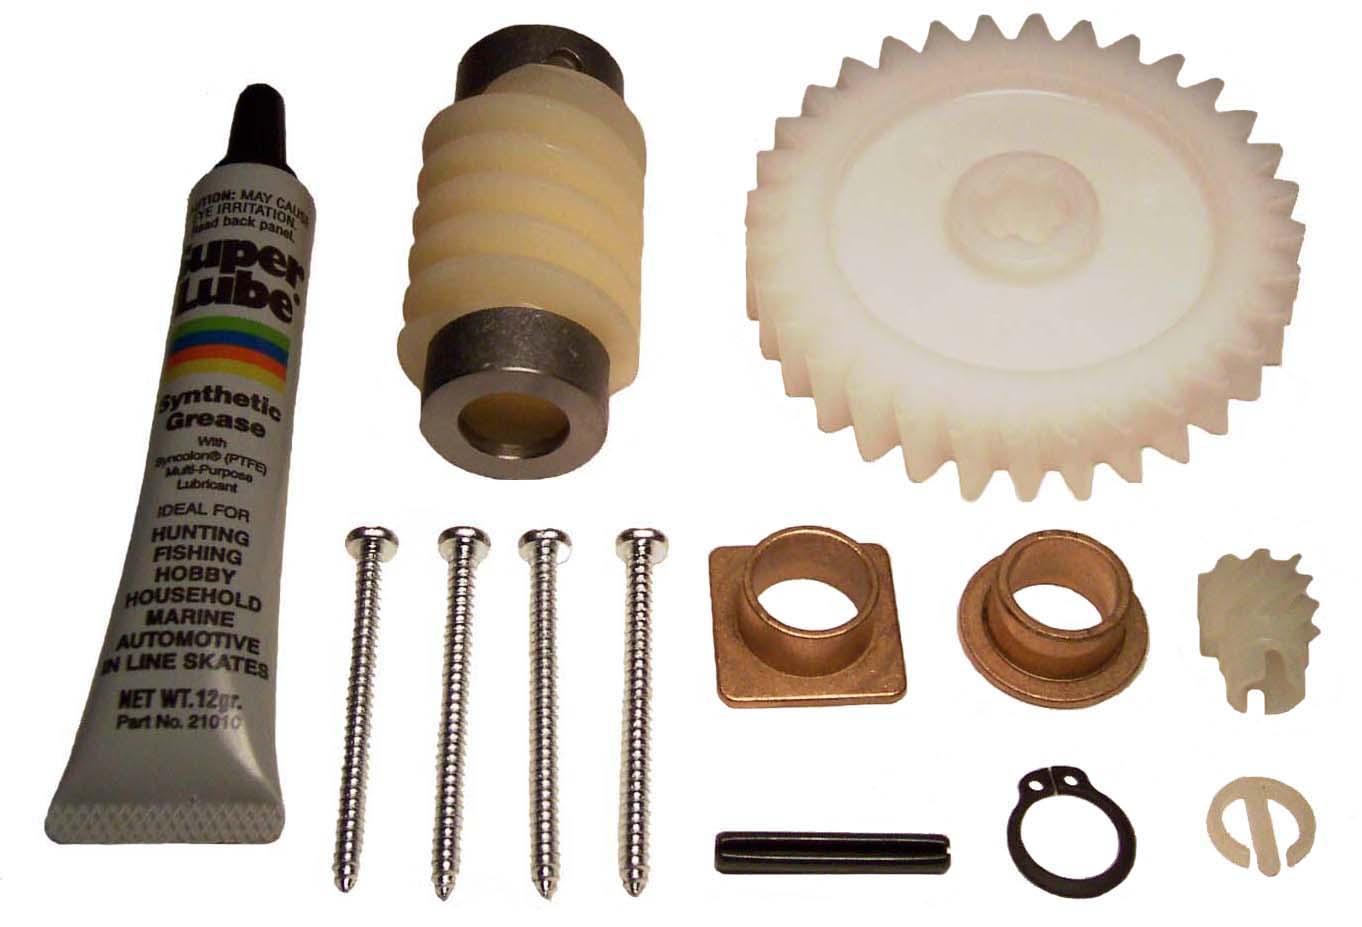 parts of a door knob set photo - 6